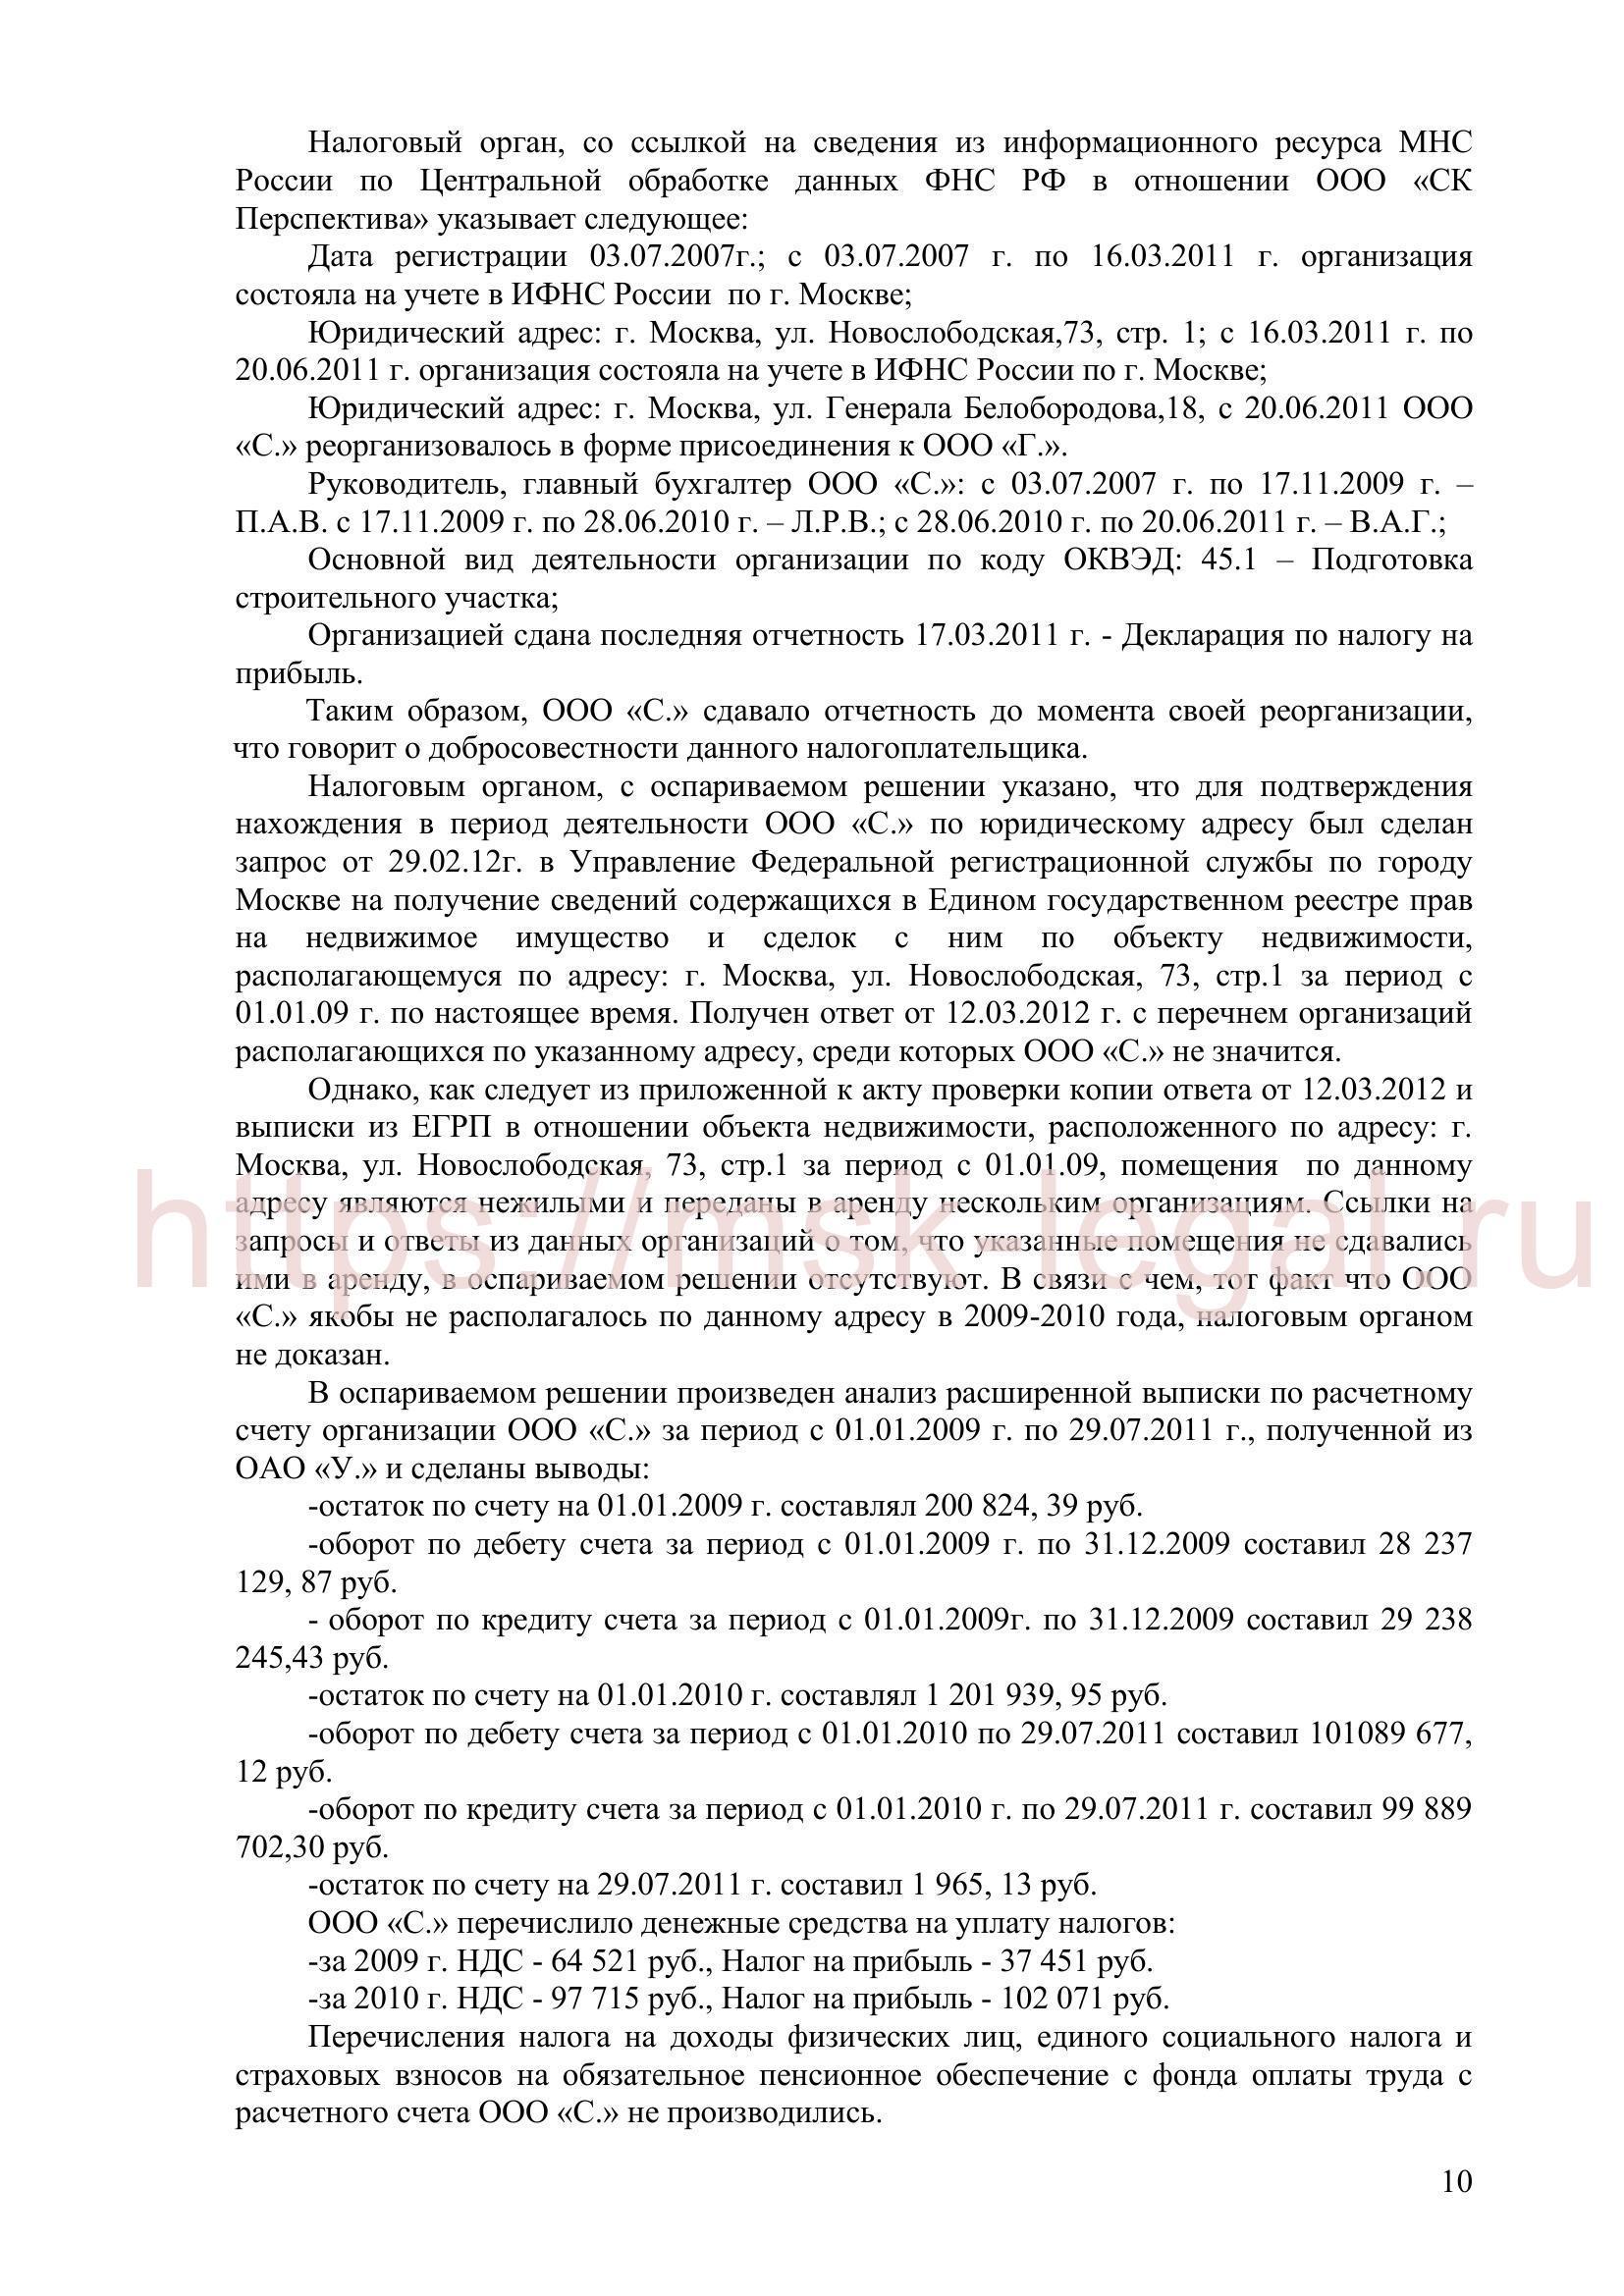 Апелляционная жалоба на решение УФНС о привлечении к ответственности